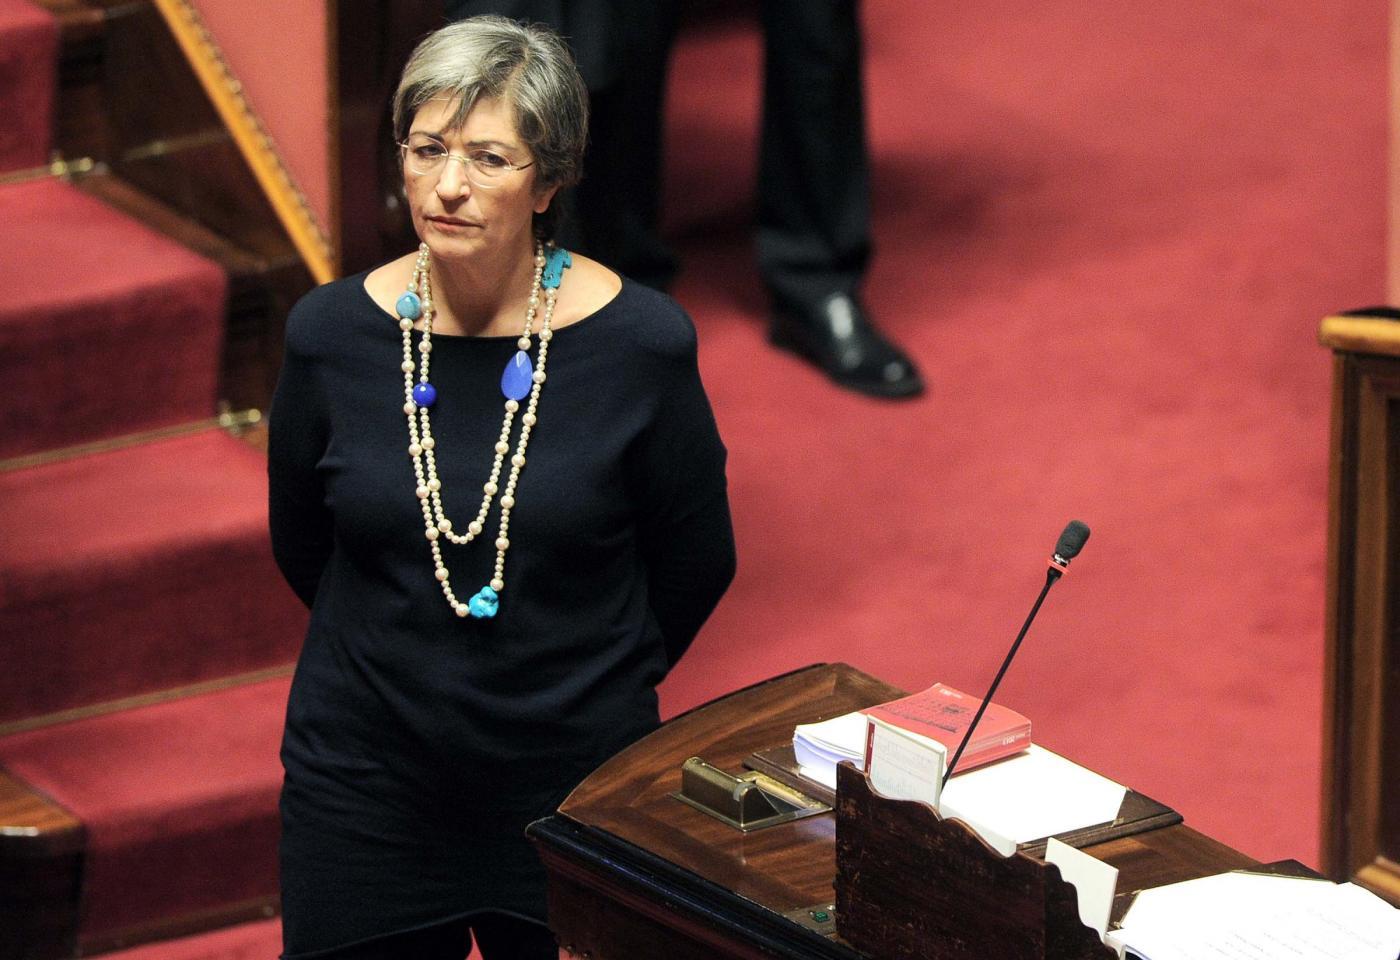 Ministero per il Mezzogiorno: Renzi pensa ad Anna Finocchiaro